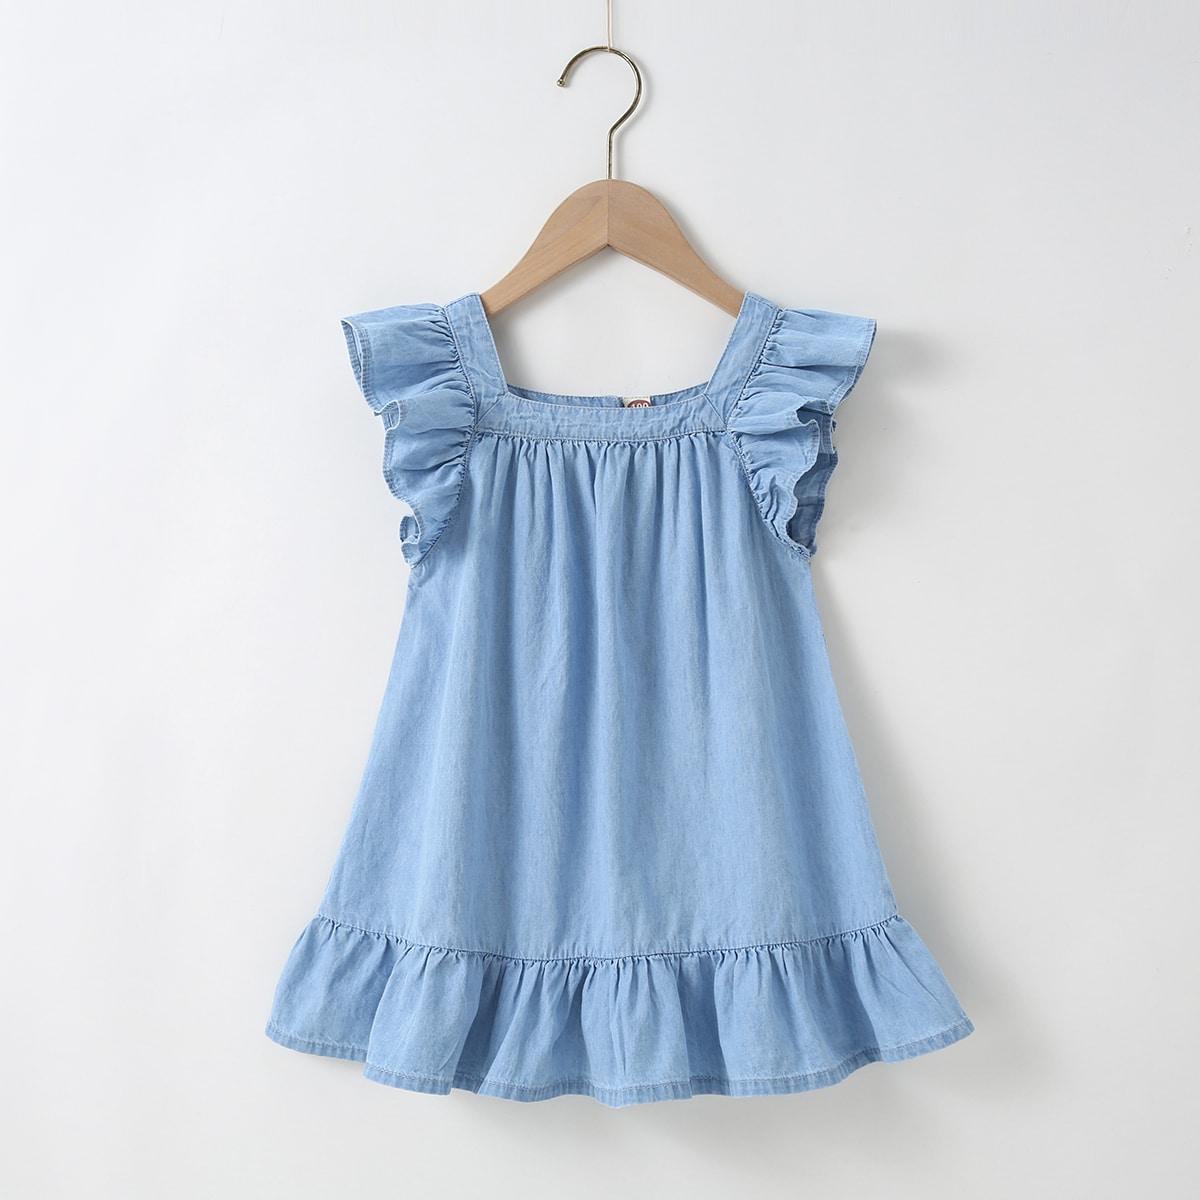 для девочек Платье с оборкой джинсовый SheIn skdress03201218131